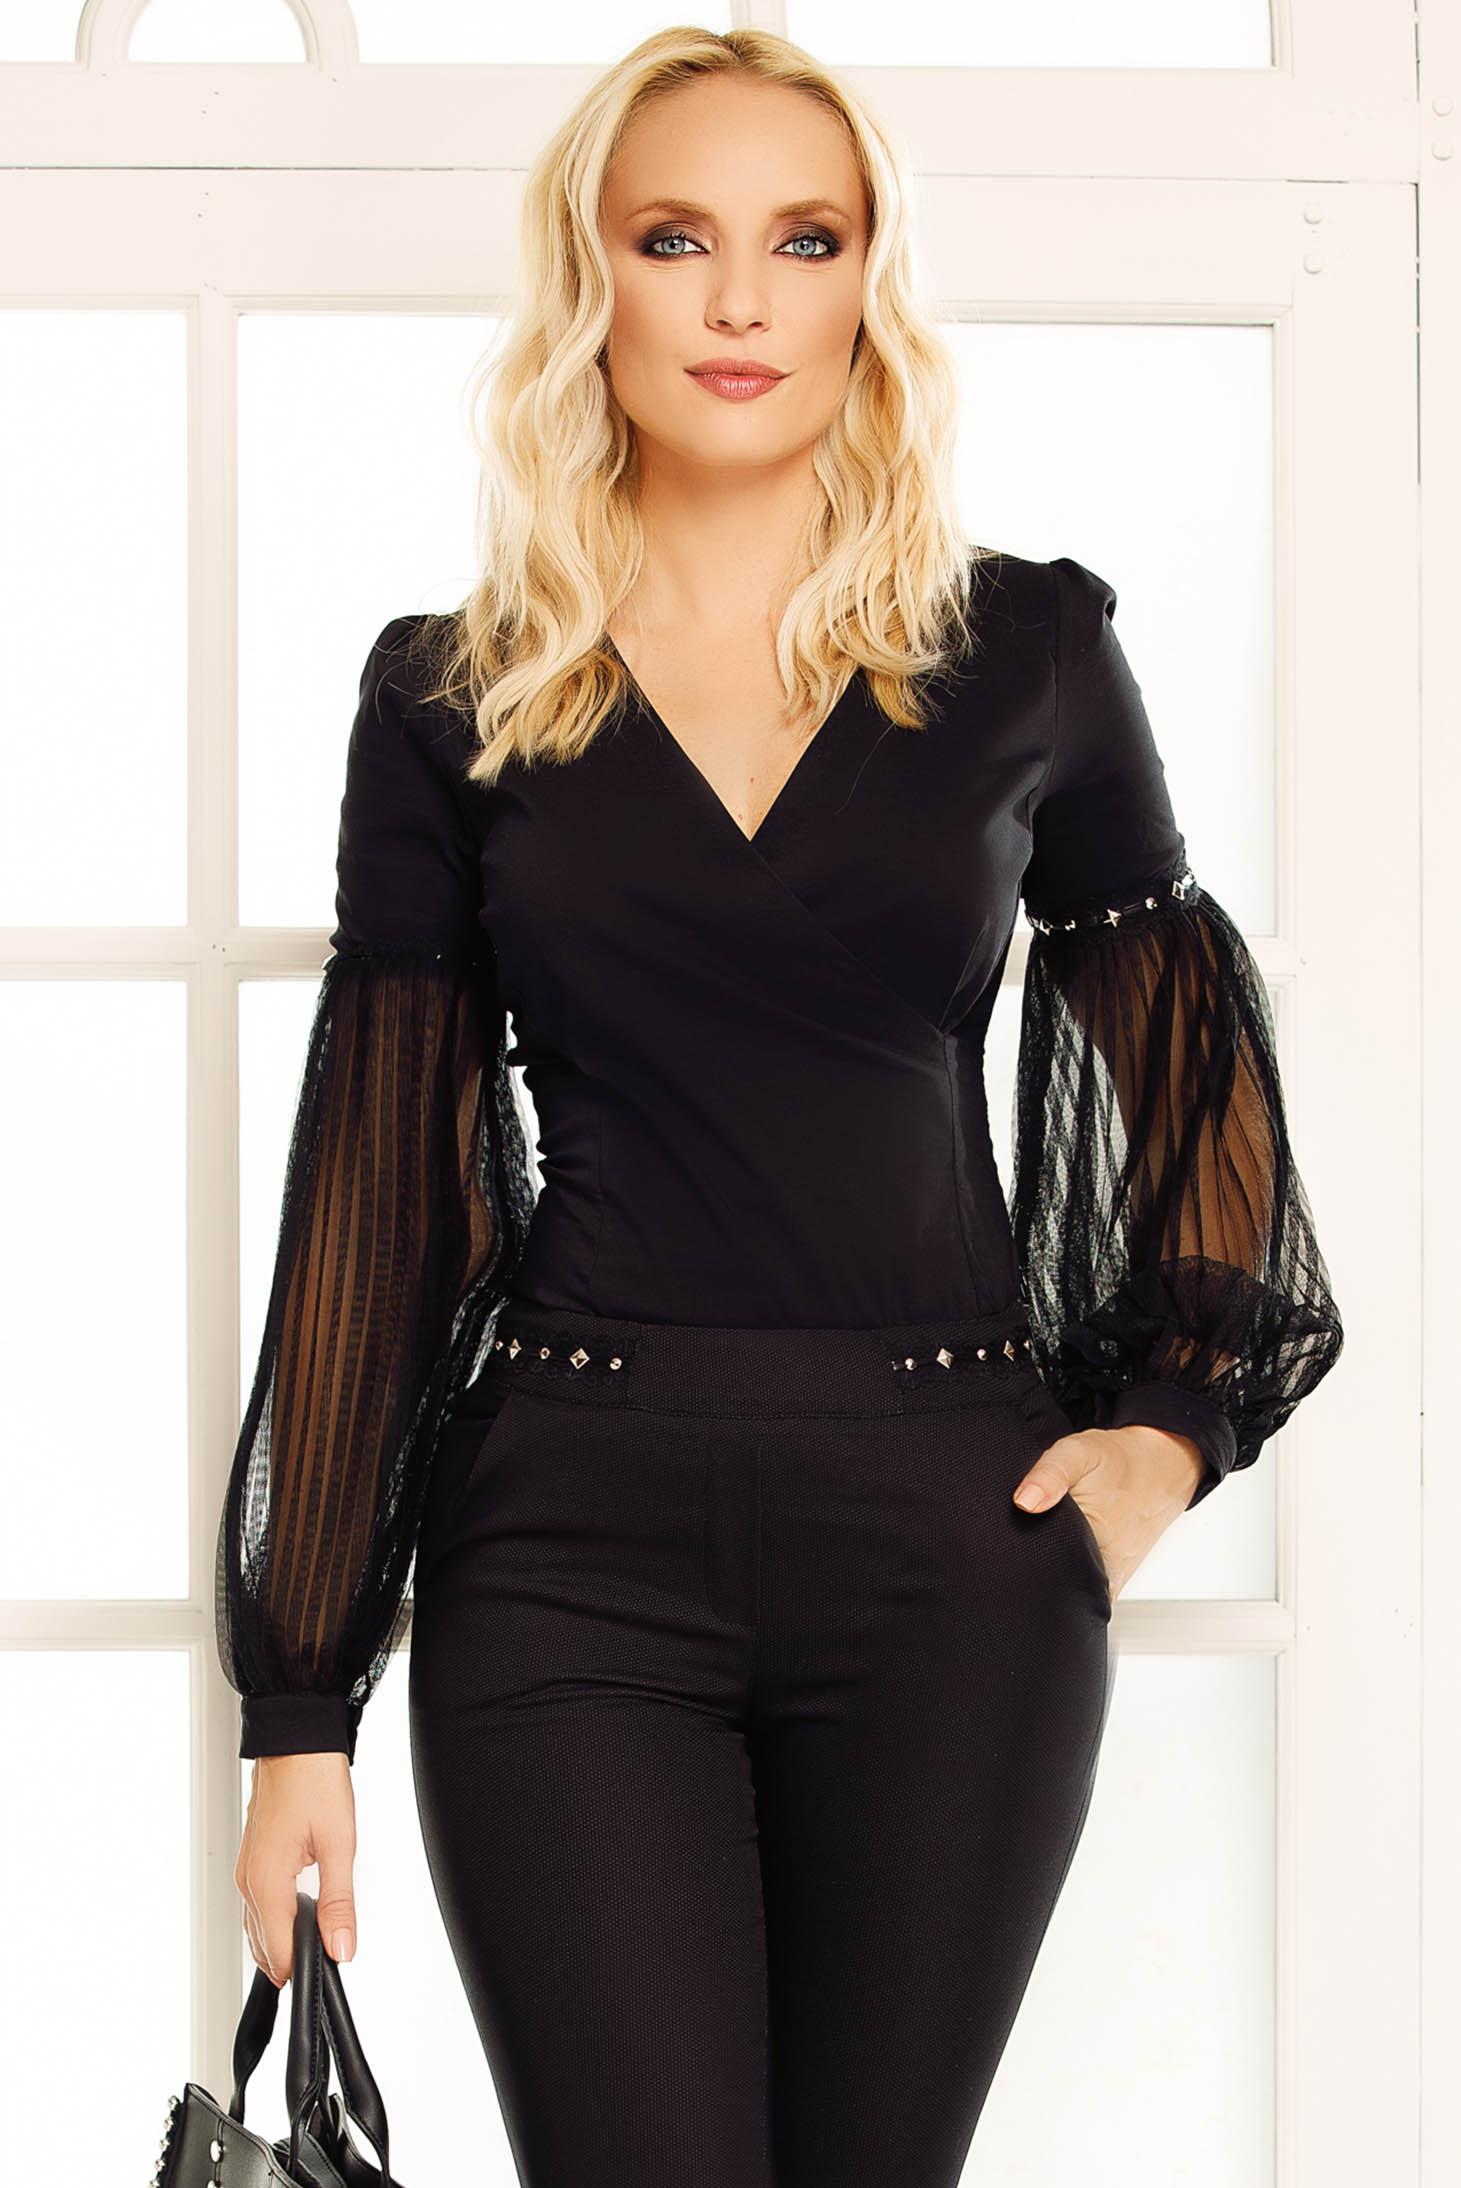 Fekete Fofy elegáns női ing szűk szabás enyhén elasztikus pamut  v-dekoltázzsal 59614d633e